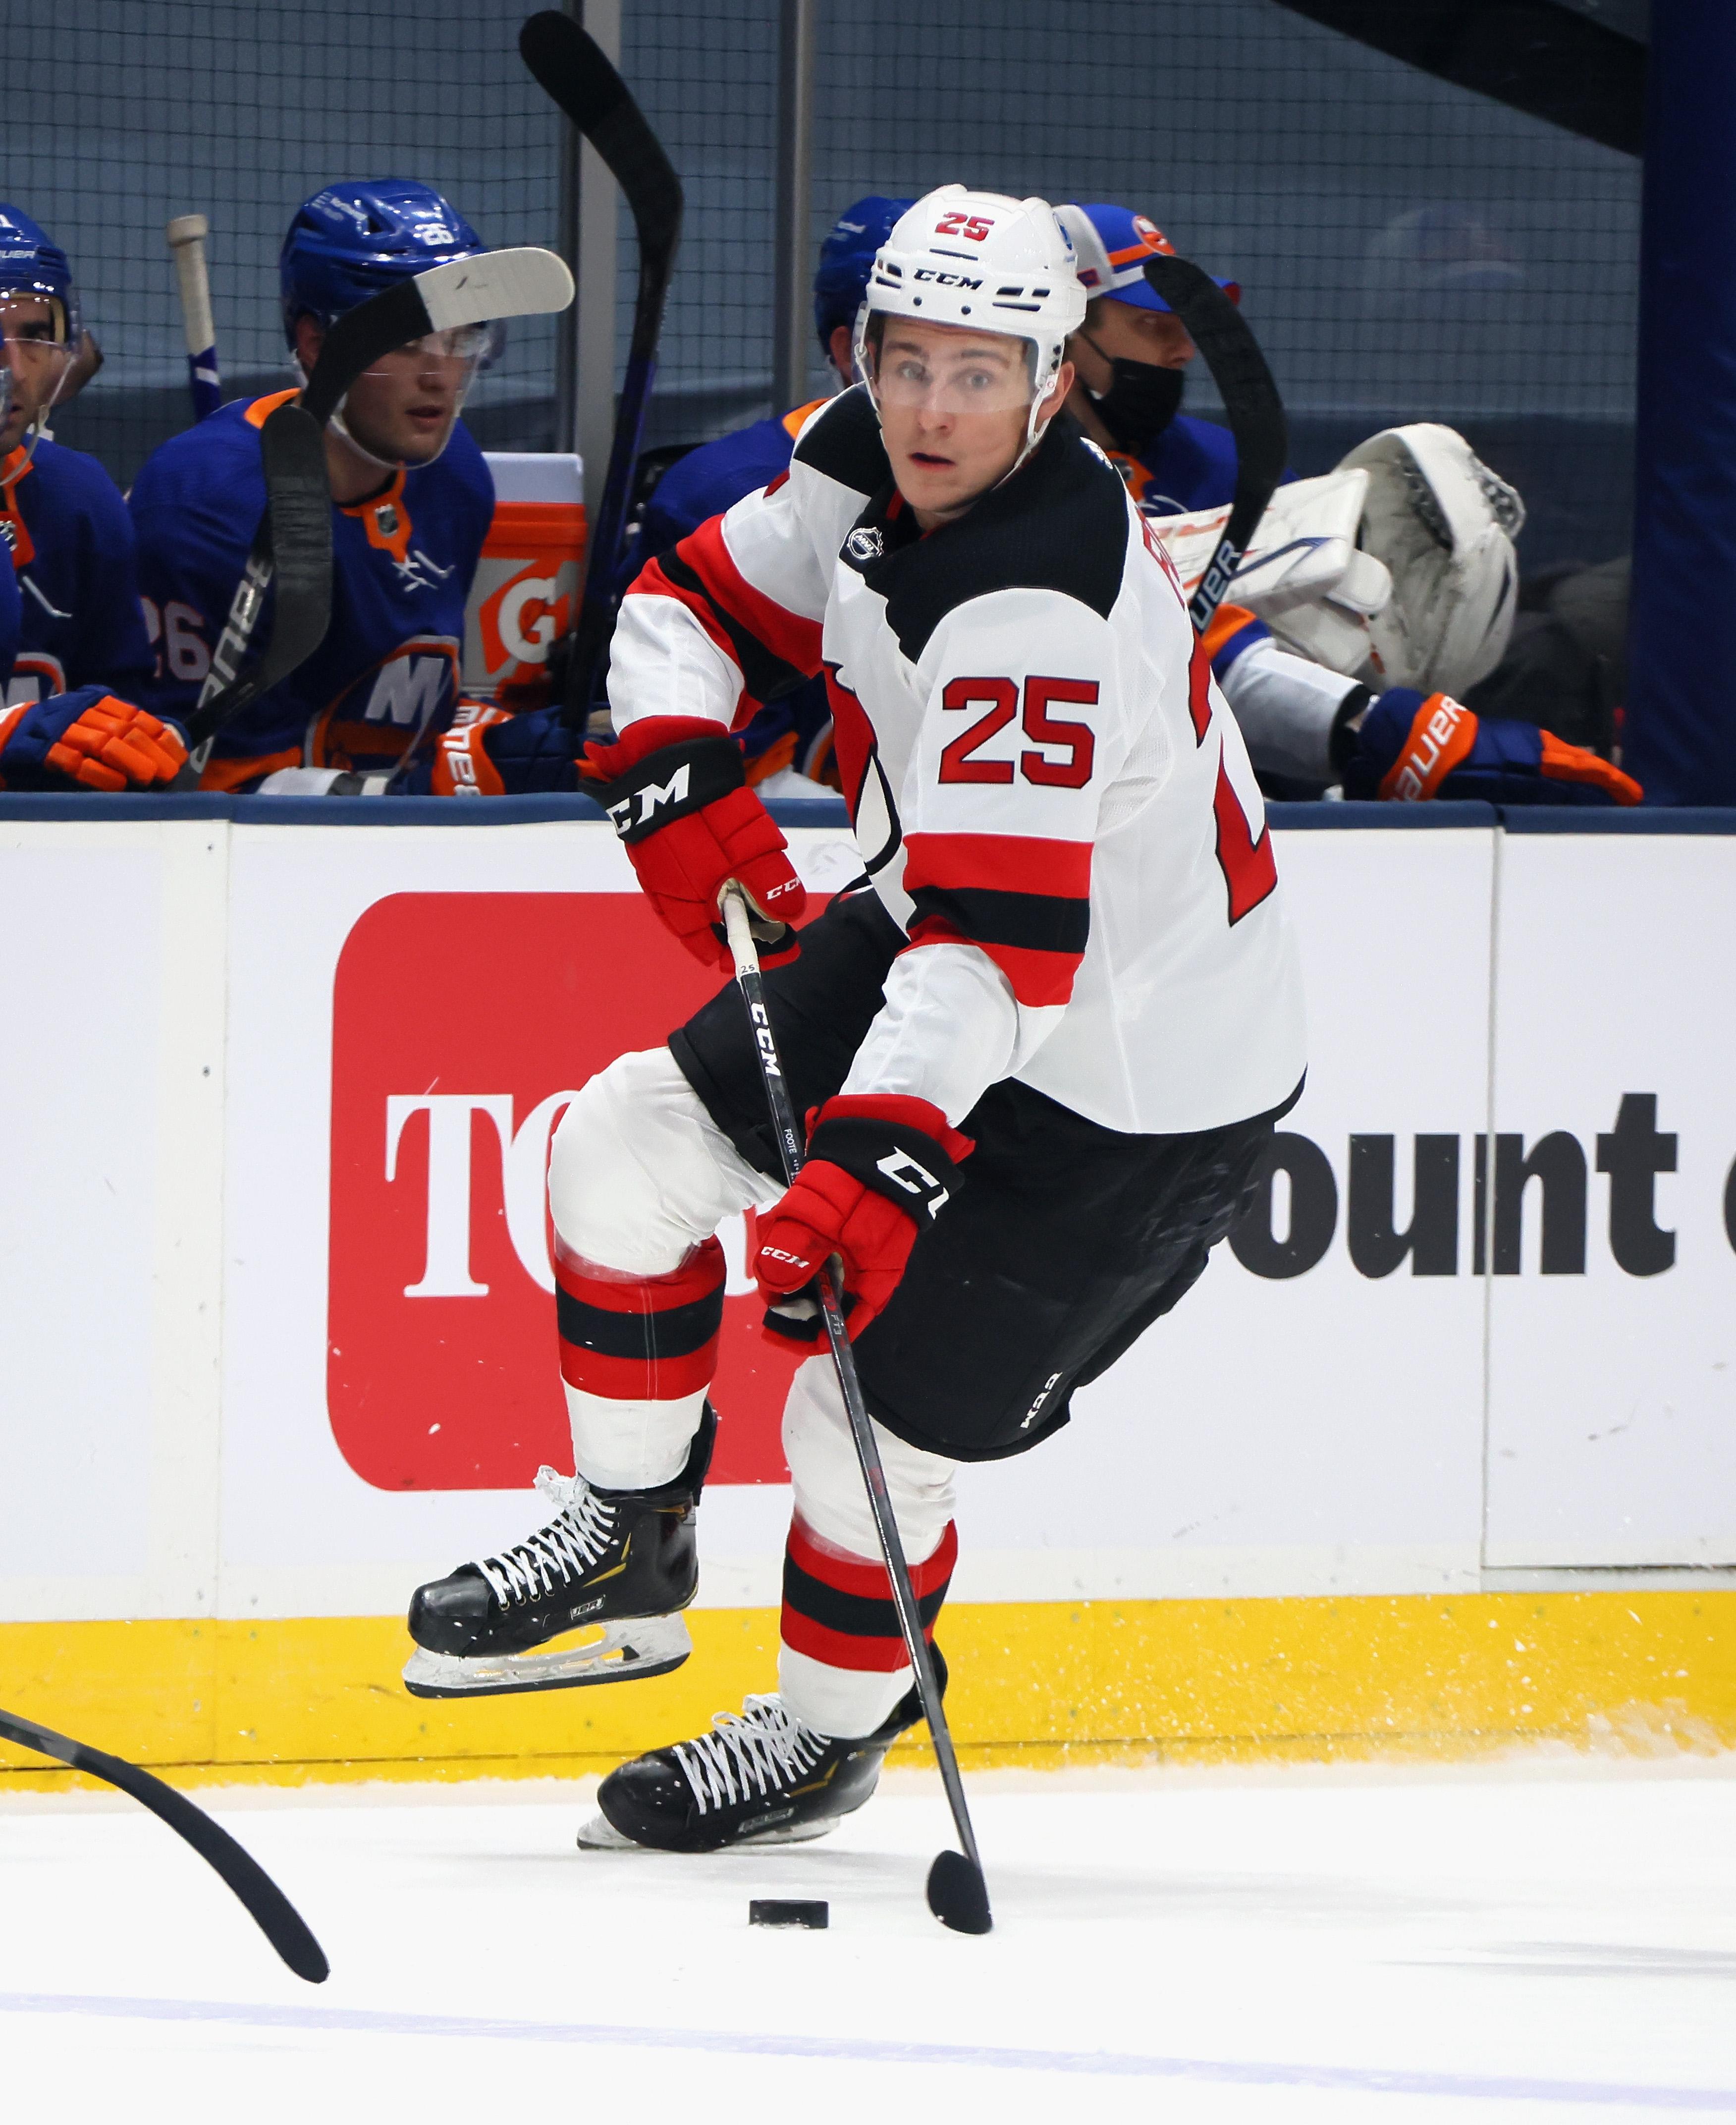 Nolan Foote skating; New Jersey Devils v New York Islanders